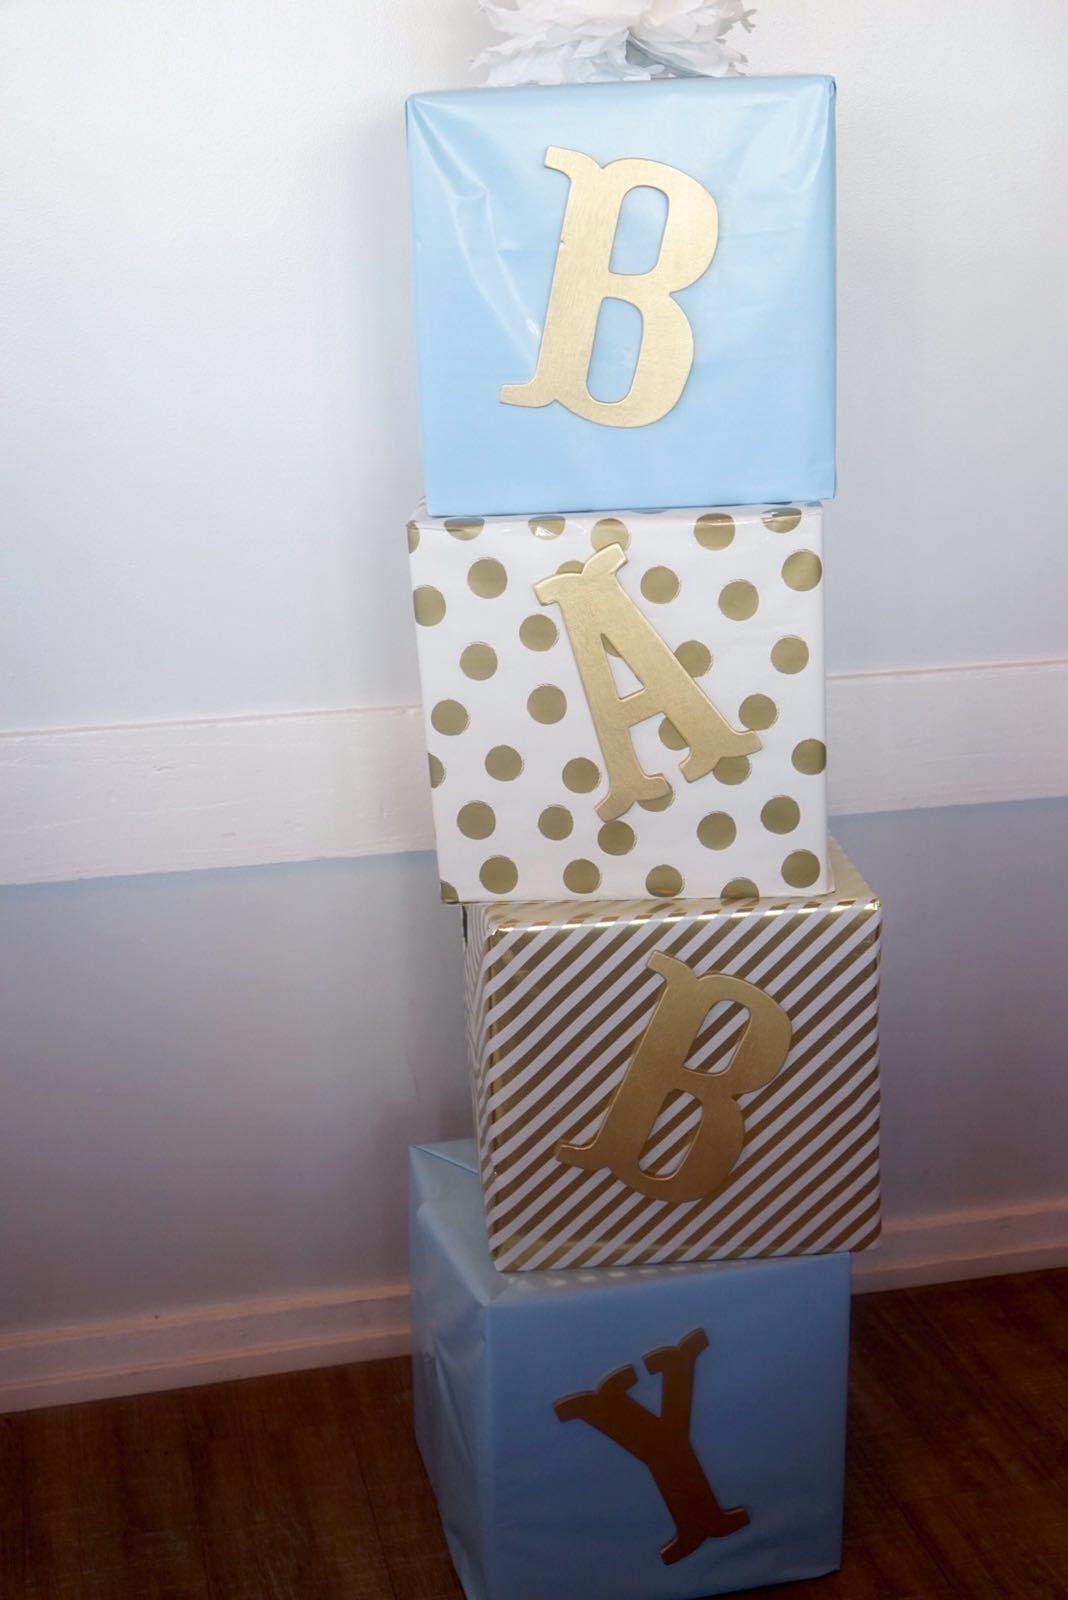 Ideas De Decoraciones Para Baby Shower De Nino.Decorations Baby Shower Decoraciones De Baby Shower Para